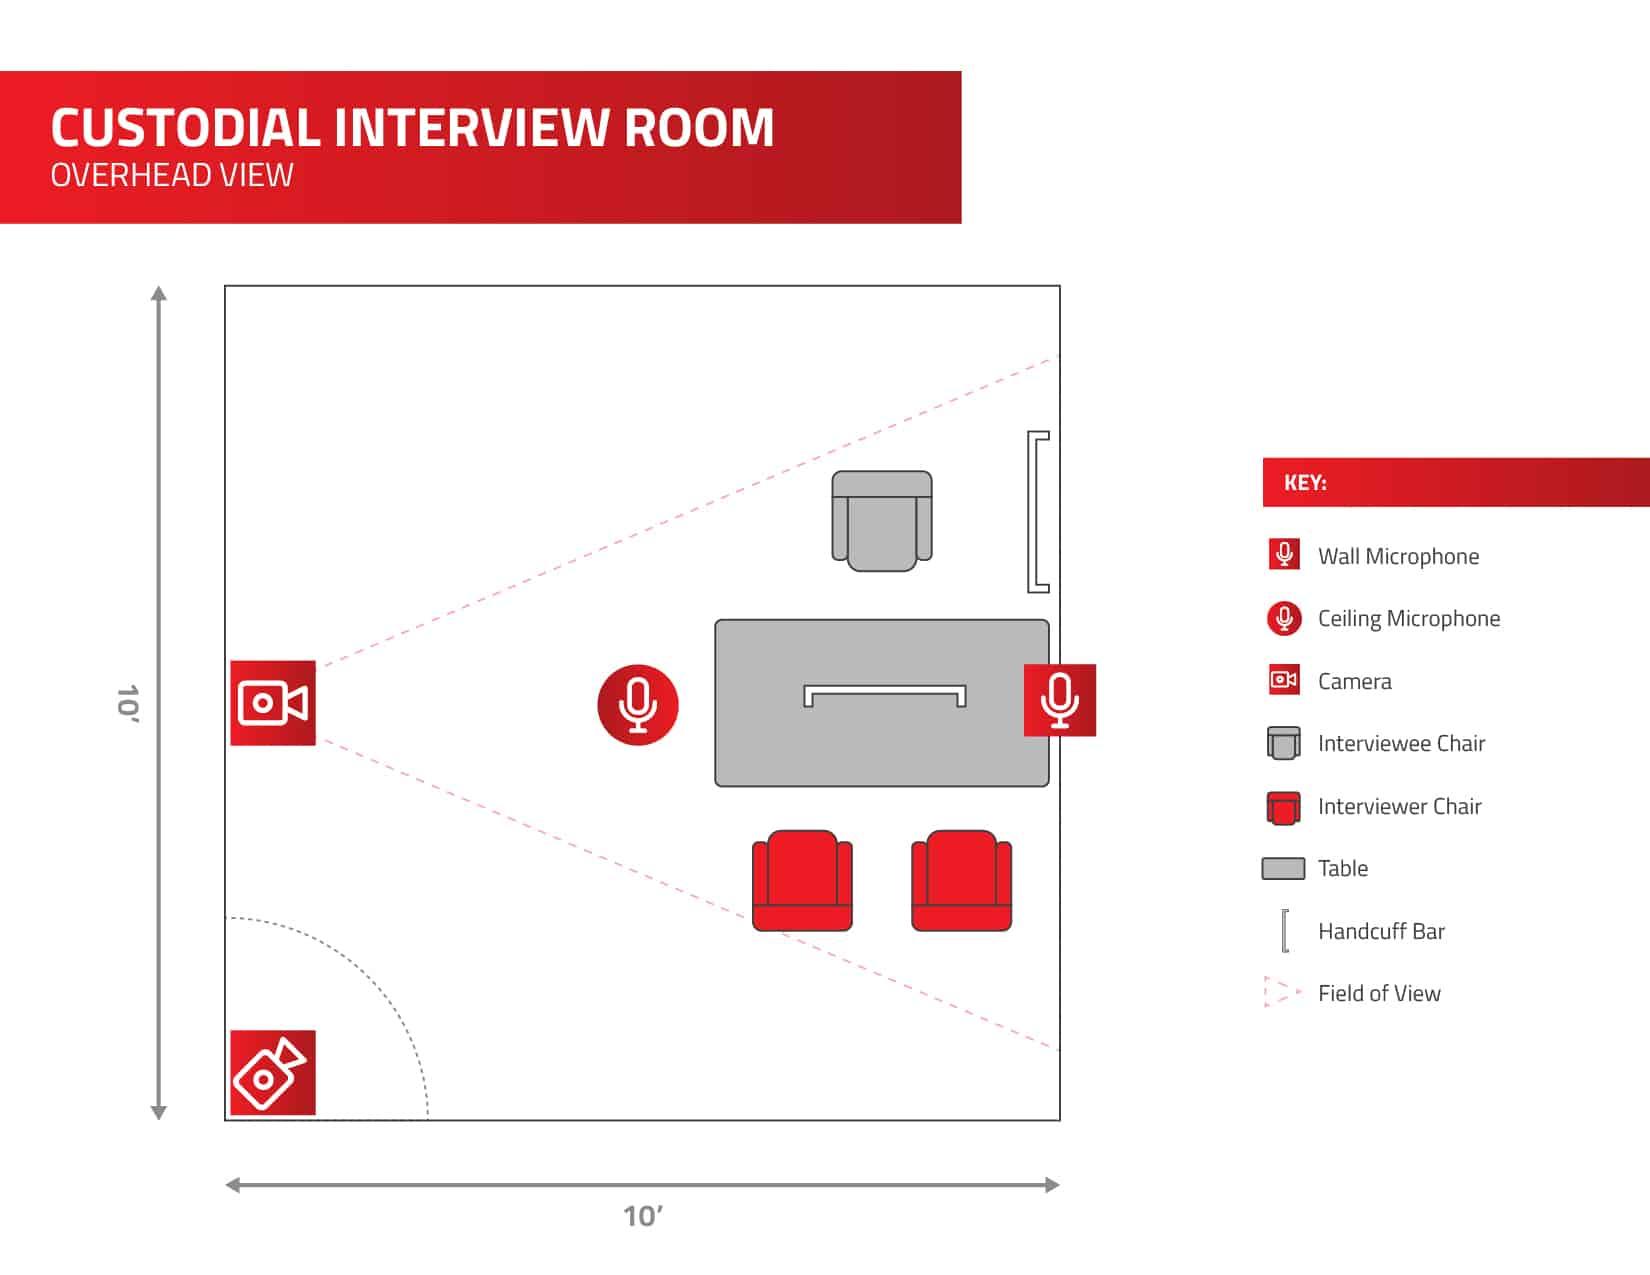 law enforcement interview room floor plan